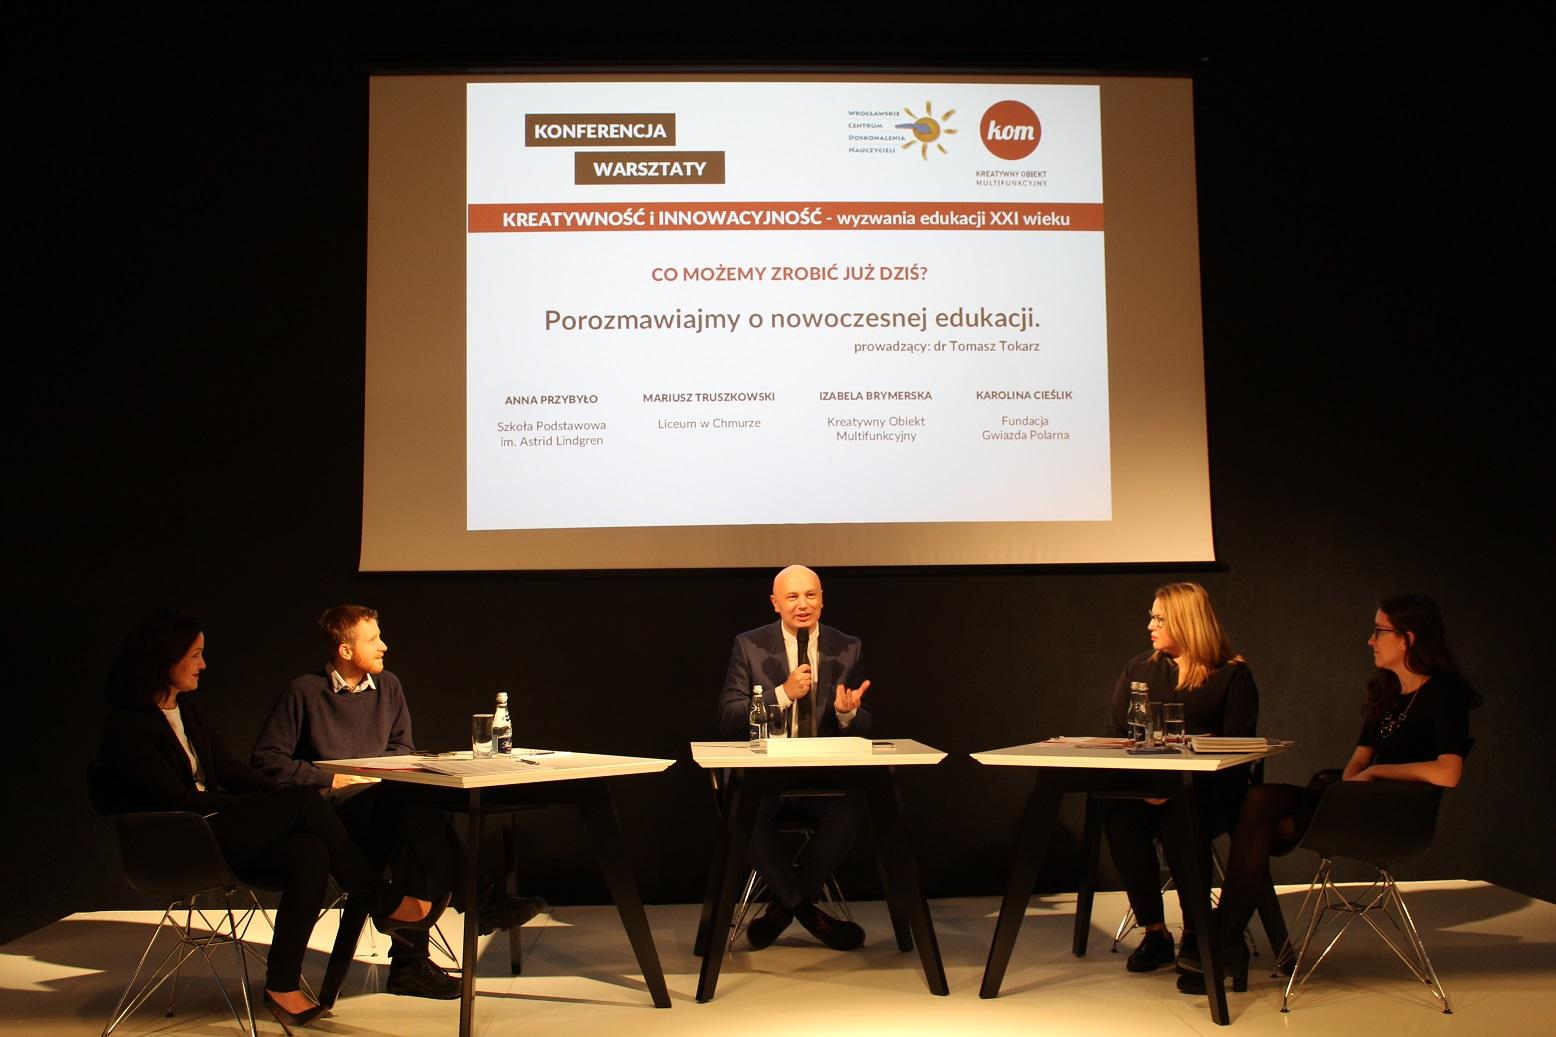 Konferencja Kreatywność i Innowacyjność – dzielimy się doświadczeniem